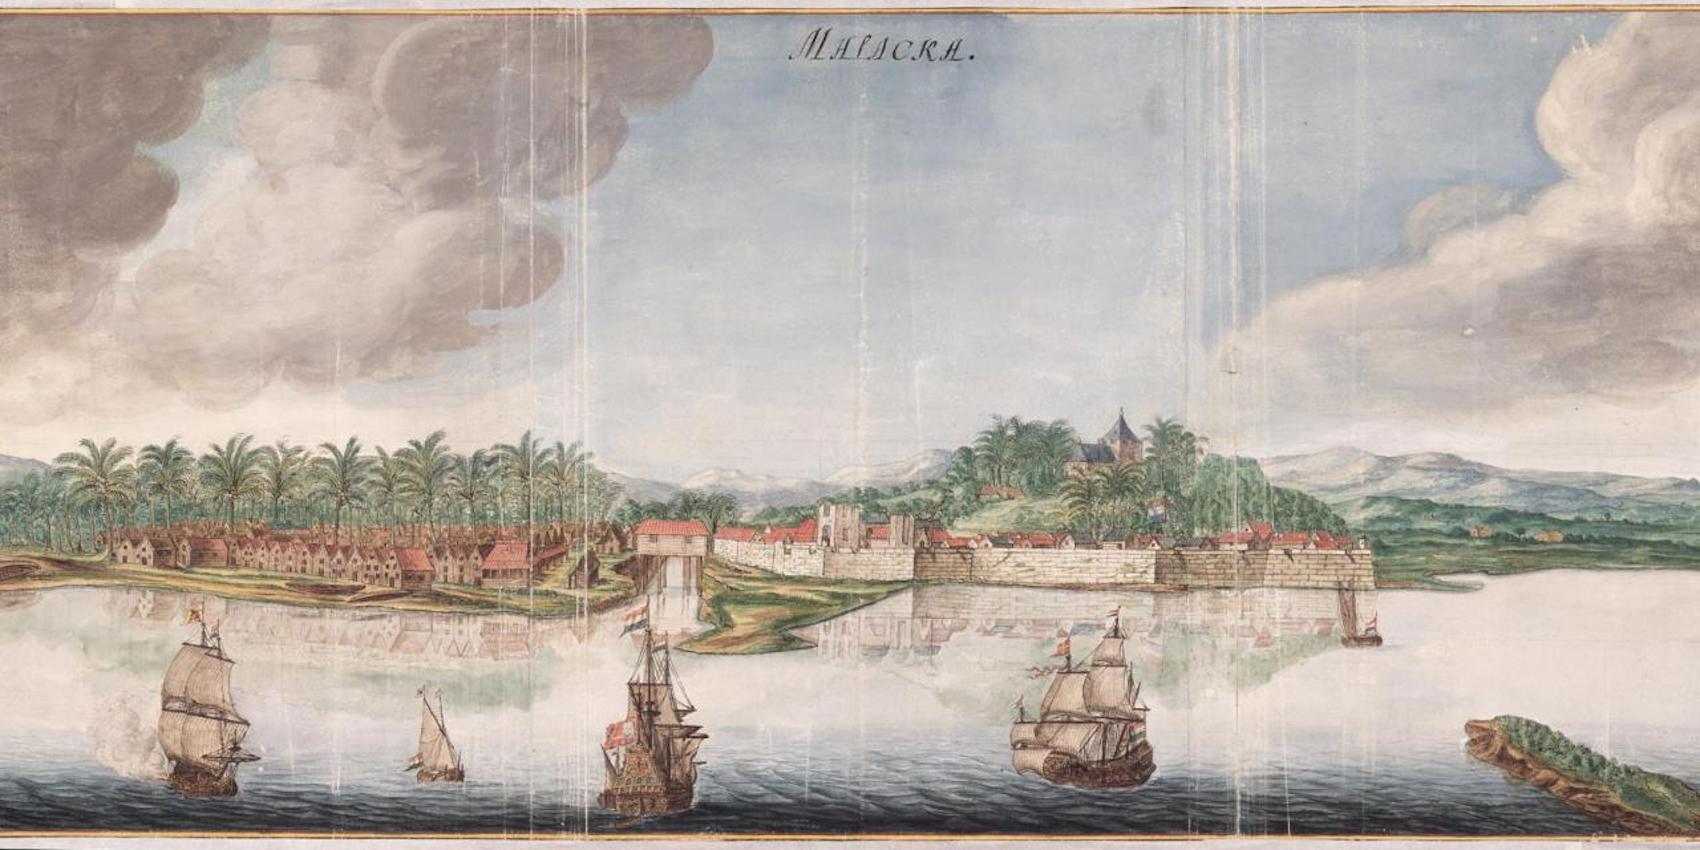 Malacca, capitale mondiale des épices